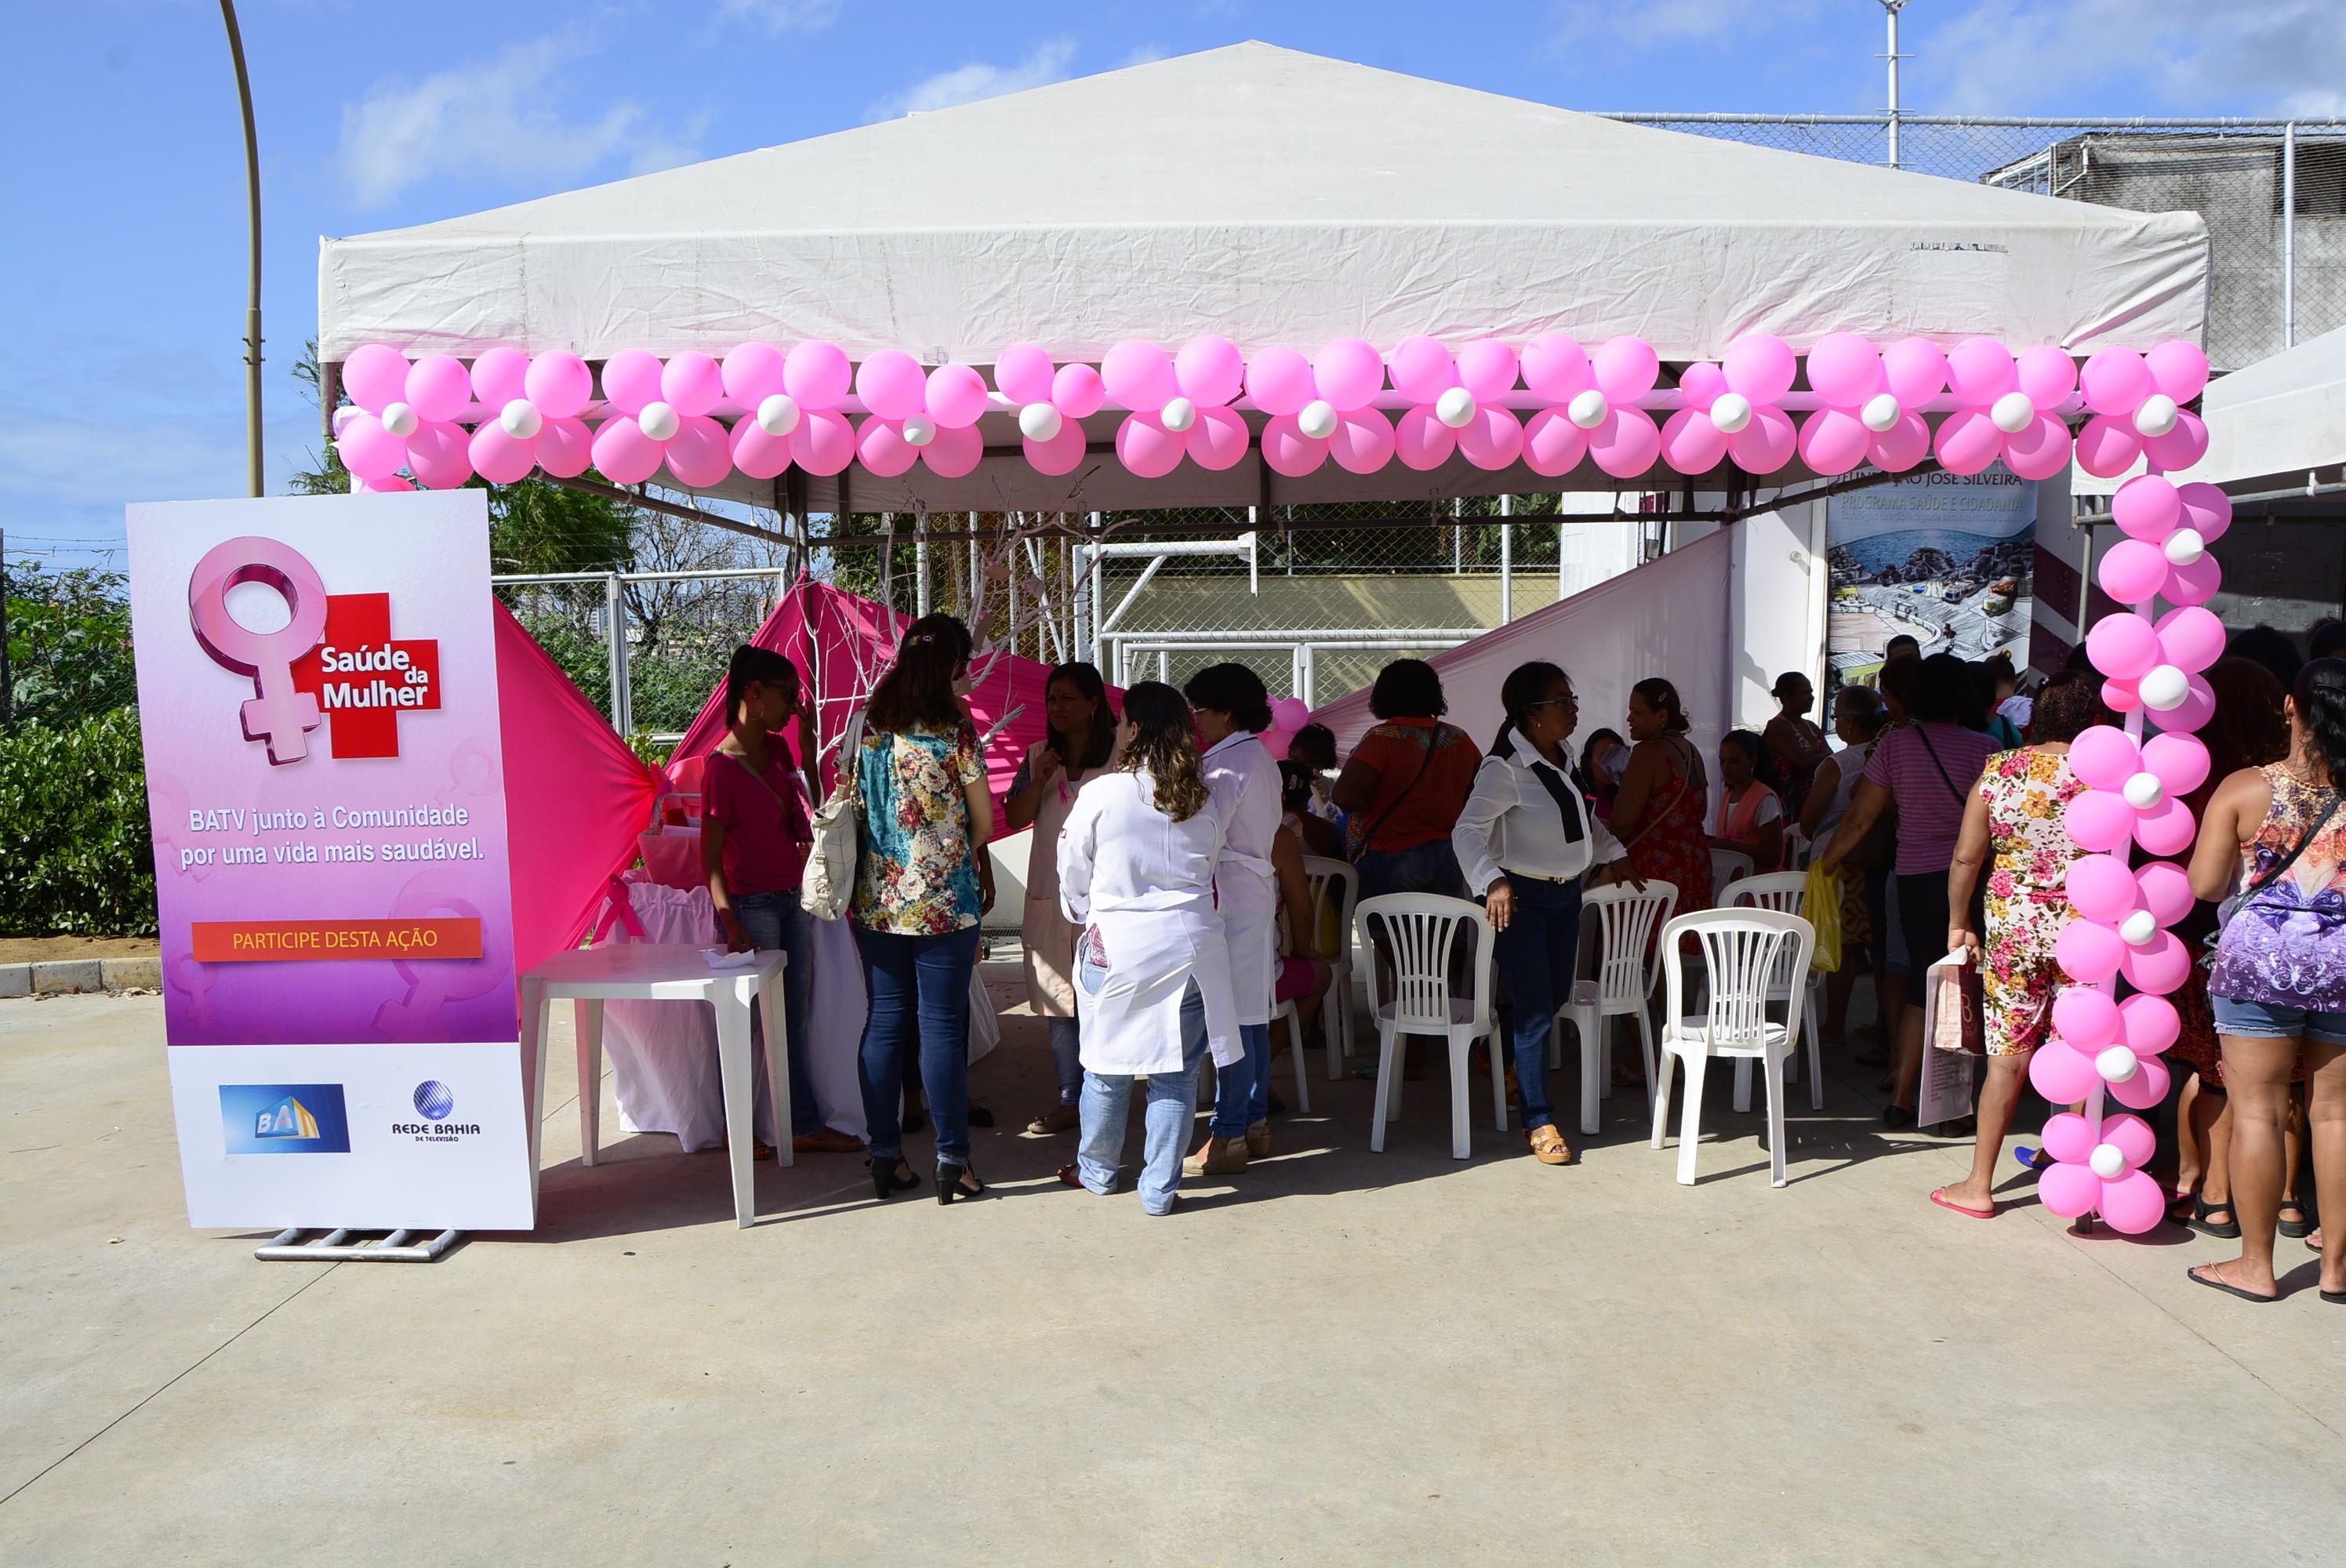 Ação Saúde da Mulher (Foto: Divulgação)